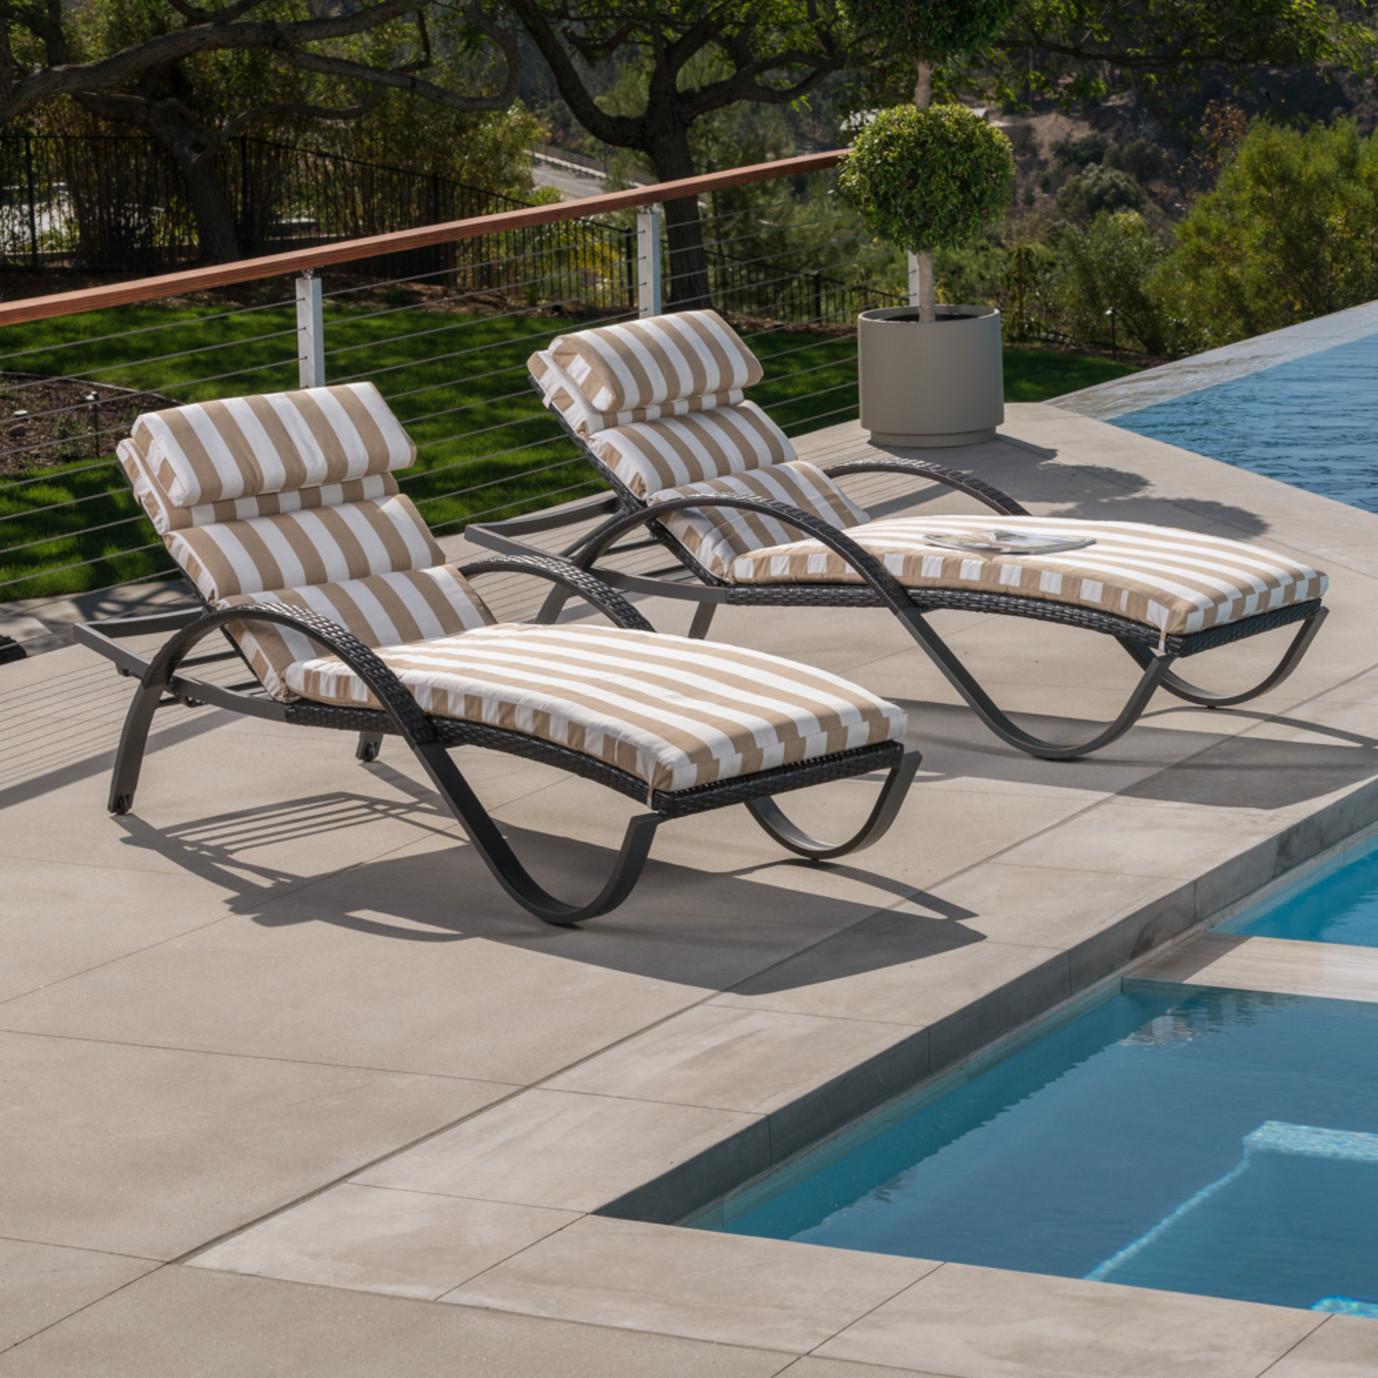 Deco chaise lounge 2pk maxim beige rst brands - Deco lounge grijs en beige ...